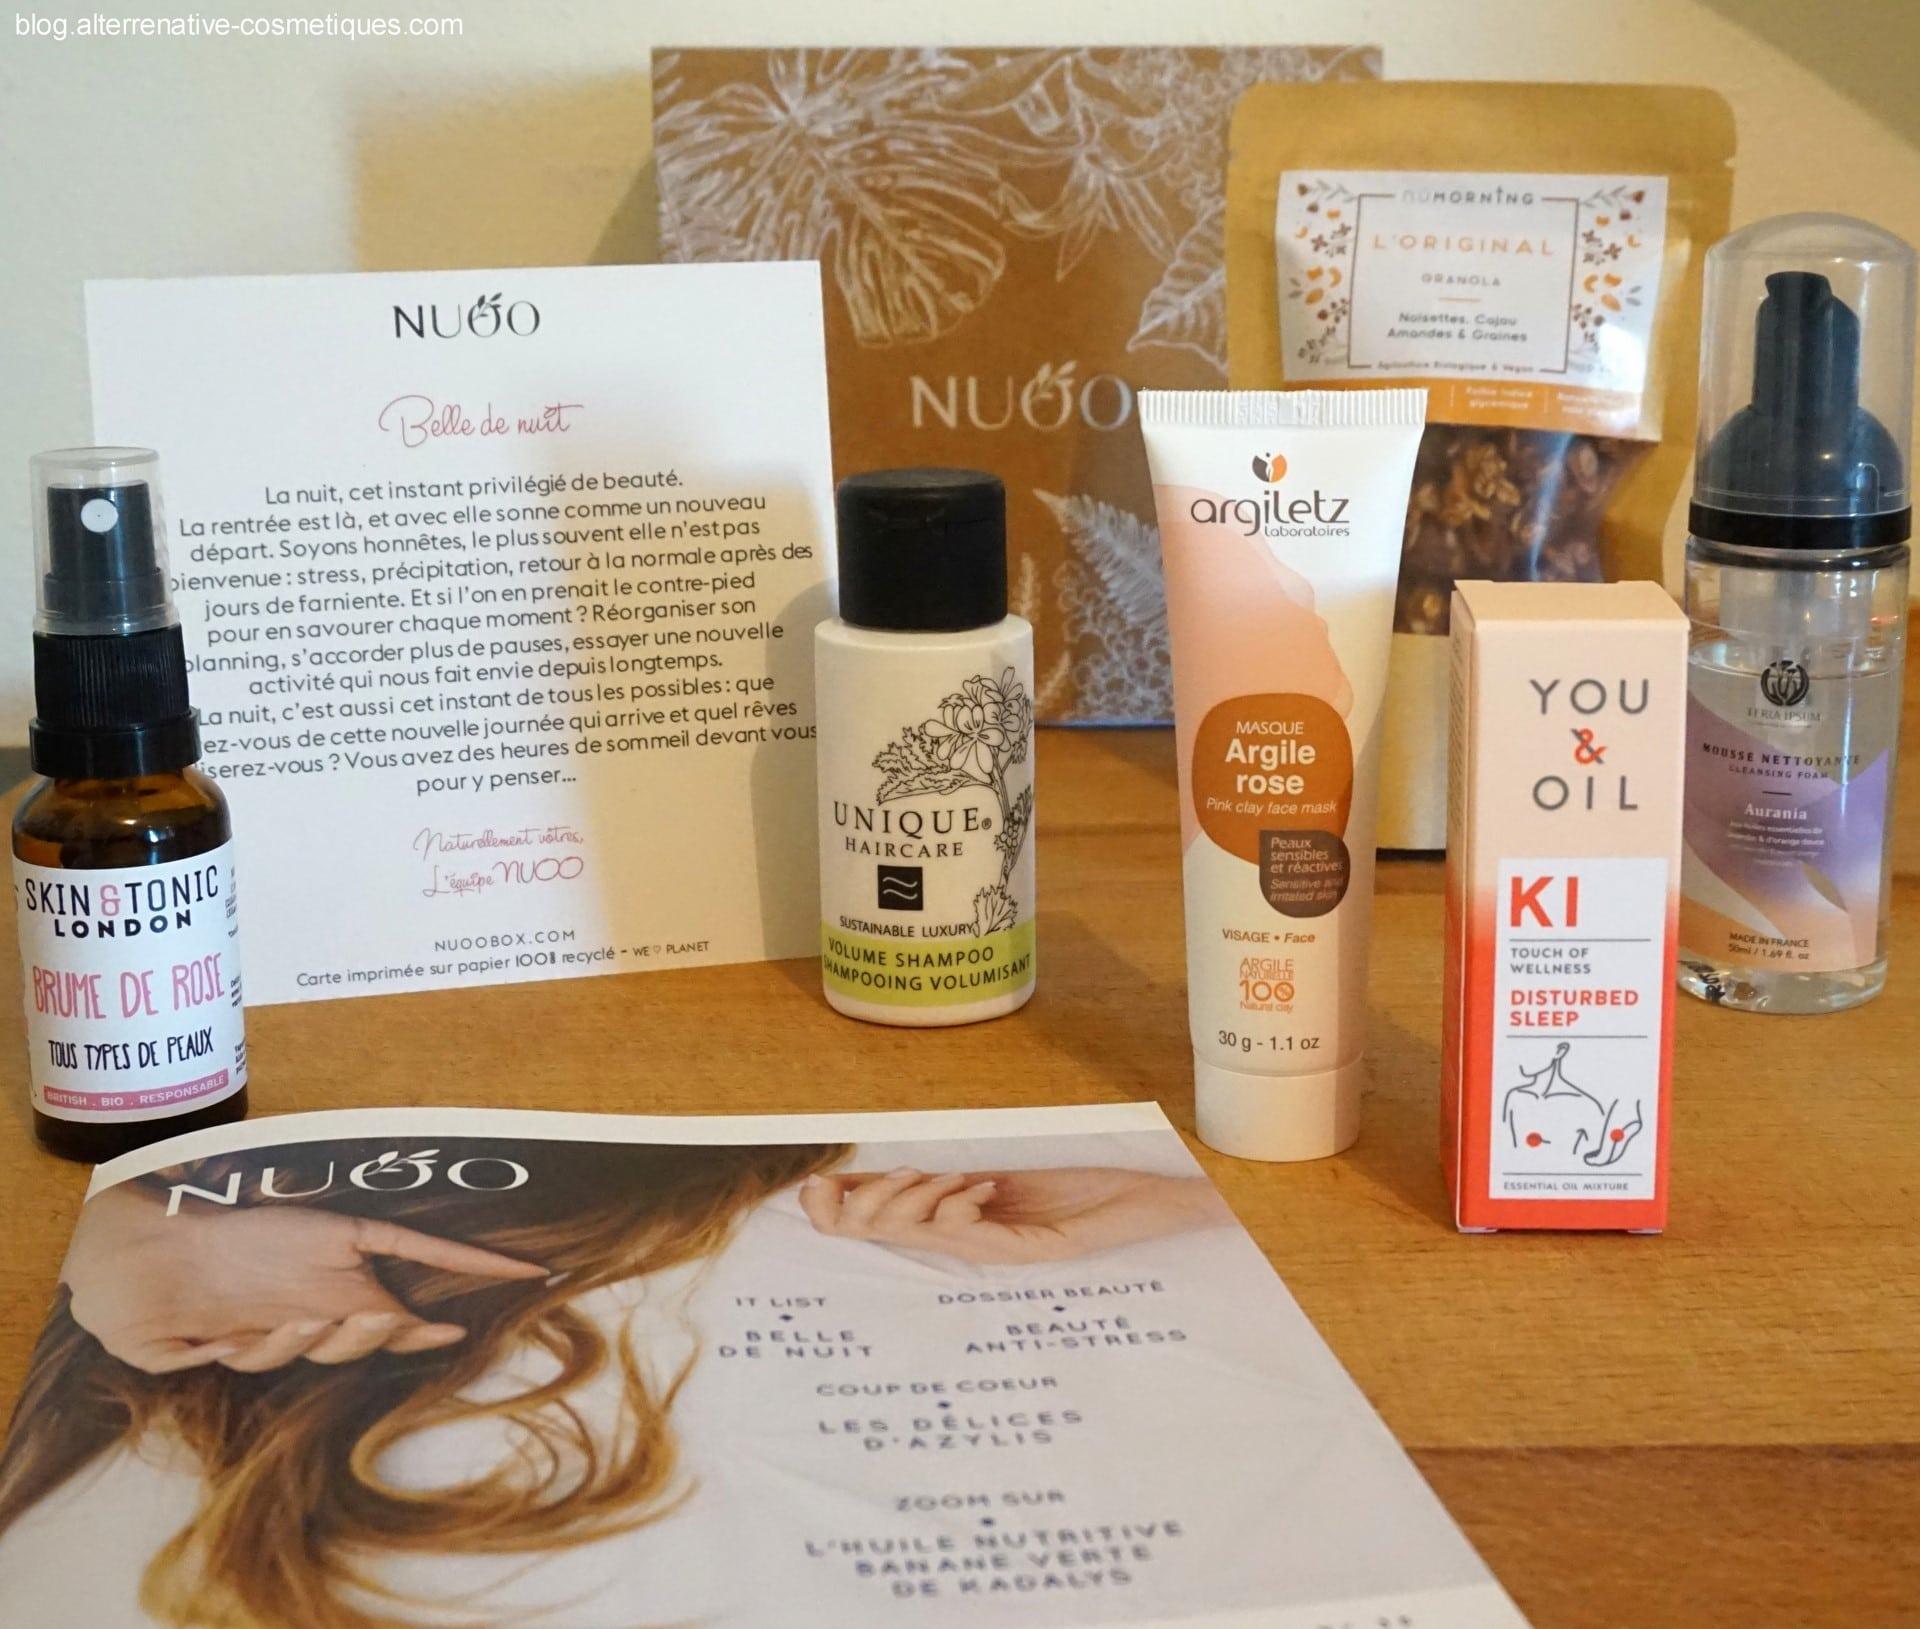 cosmétiques naturels nuoo box septembre